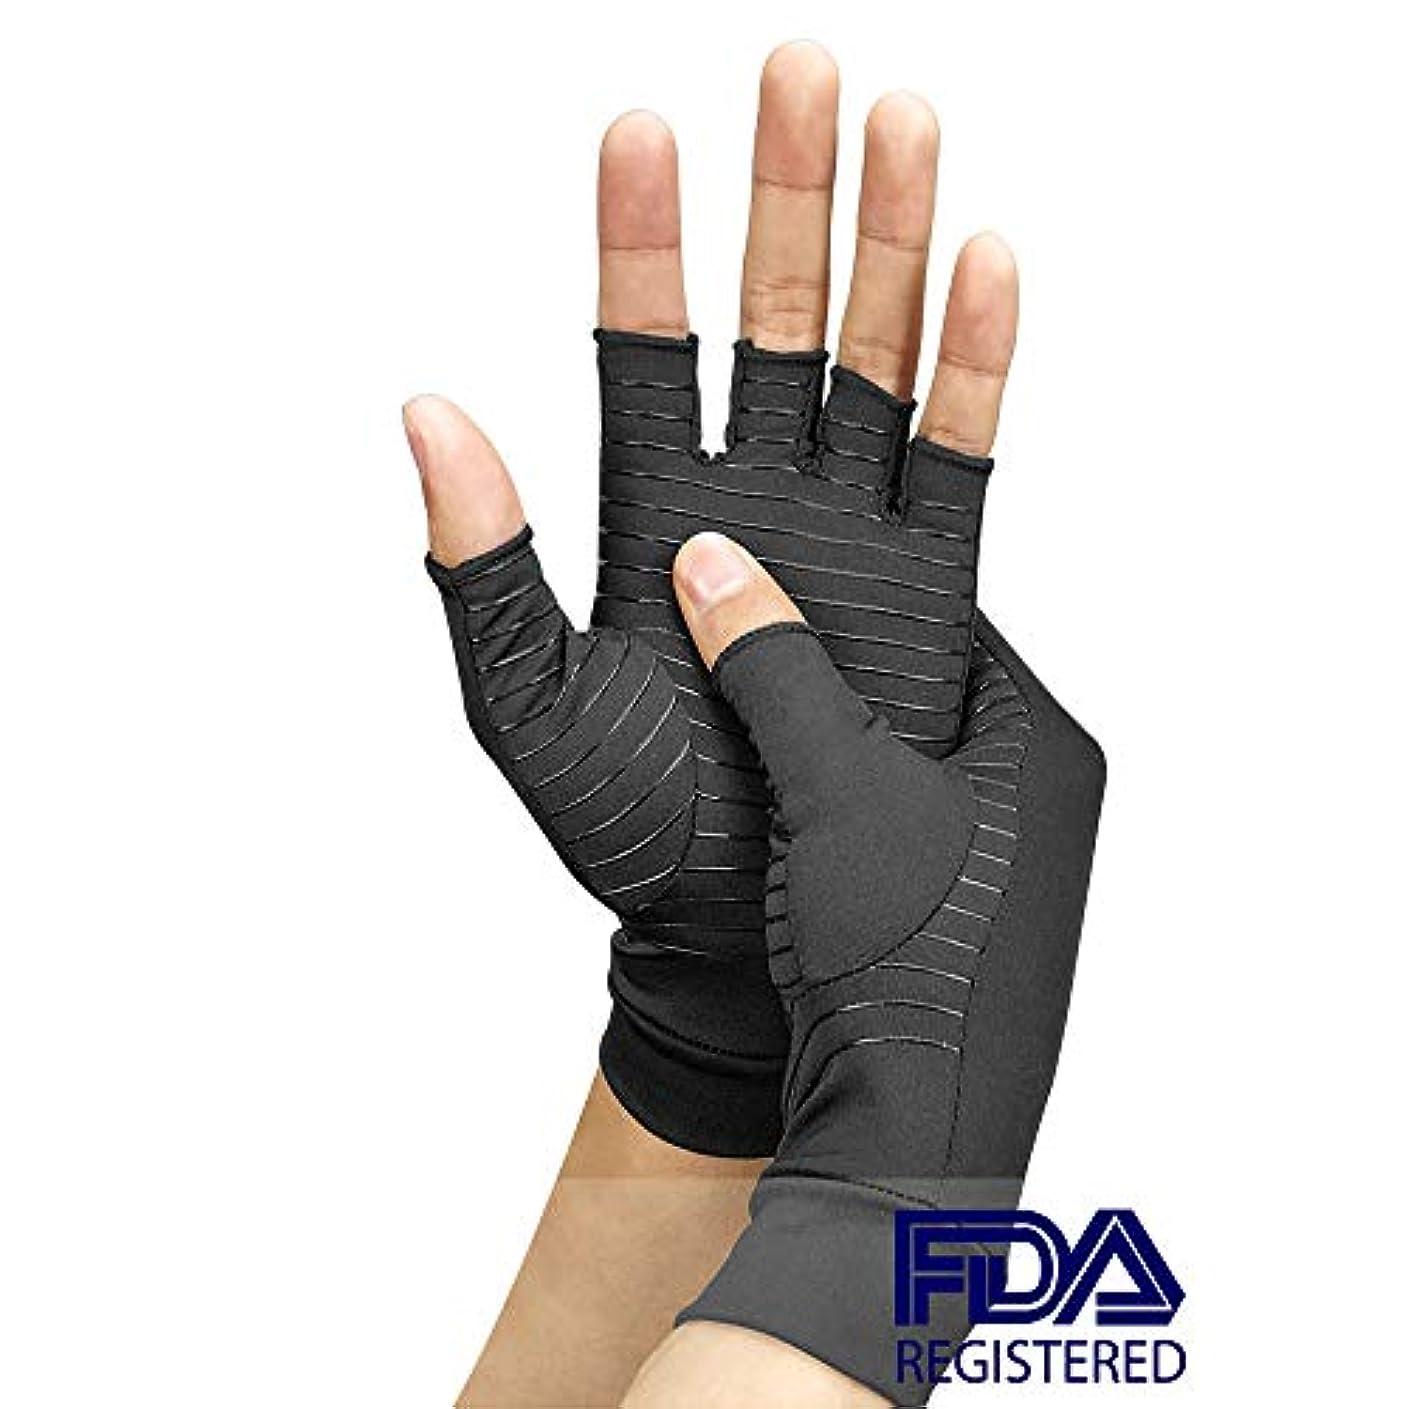 ホテル政治家のバン関節炎の手袋、変形性関節症 - 関節炎の関節の痛みを軽減するためのリウマチ圧縮手袋 - 手根管手首のサポート - コンピューターの入力のための開いた指、指なし親指